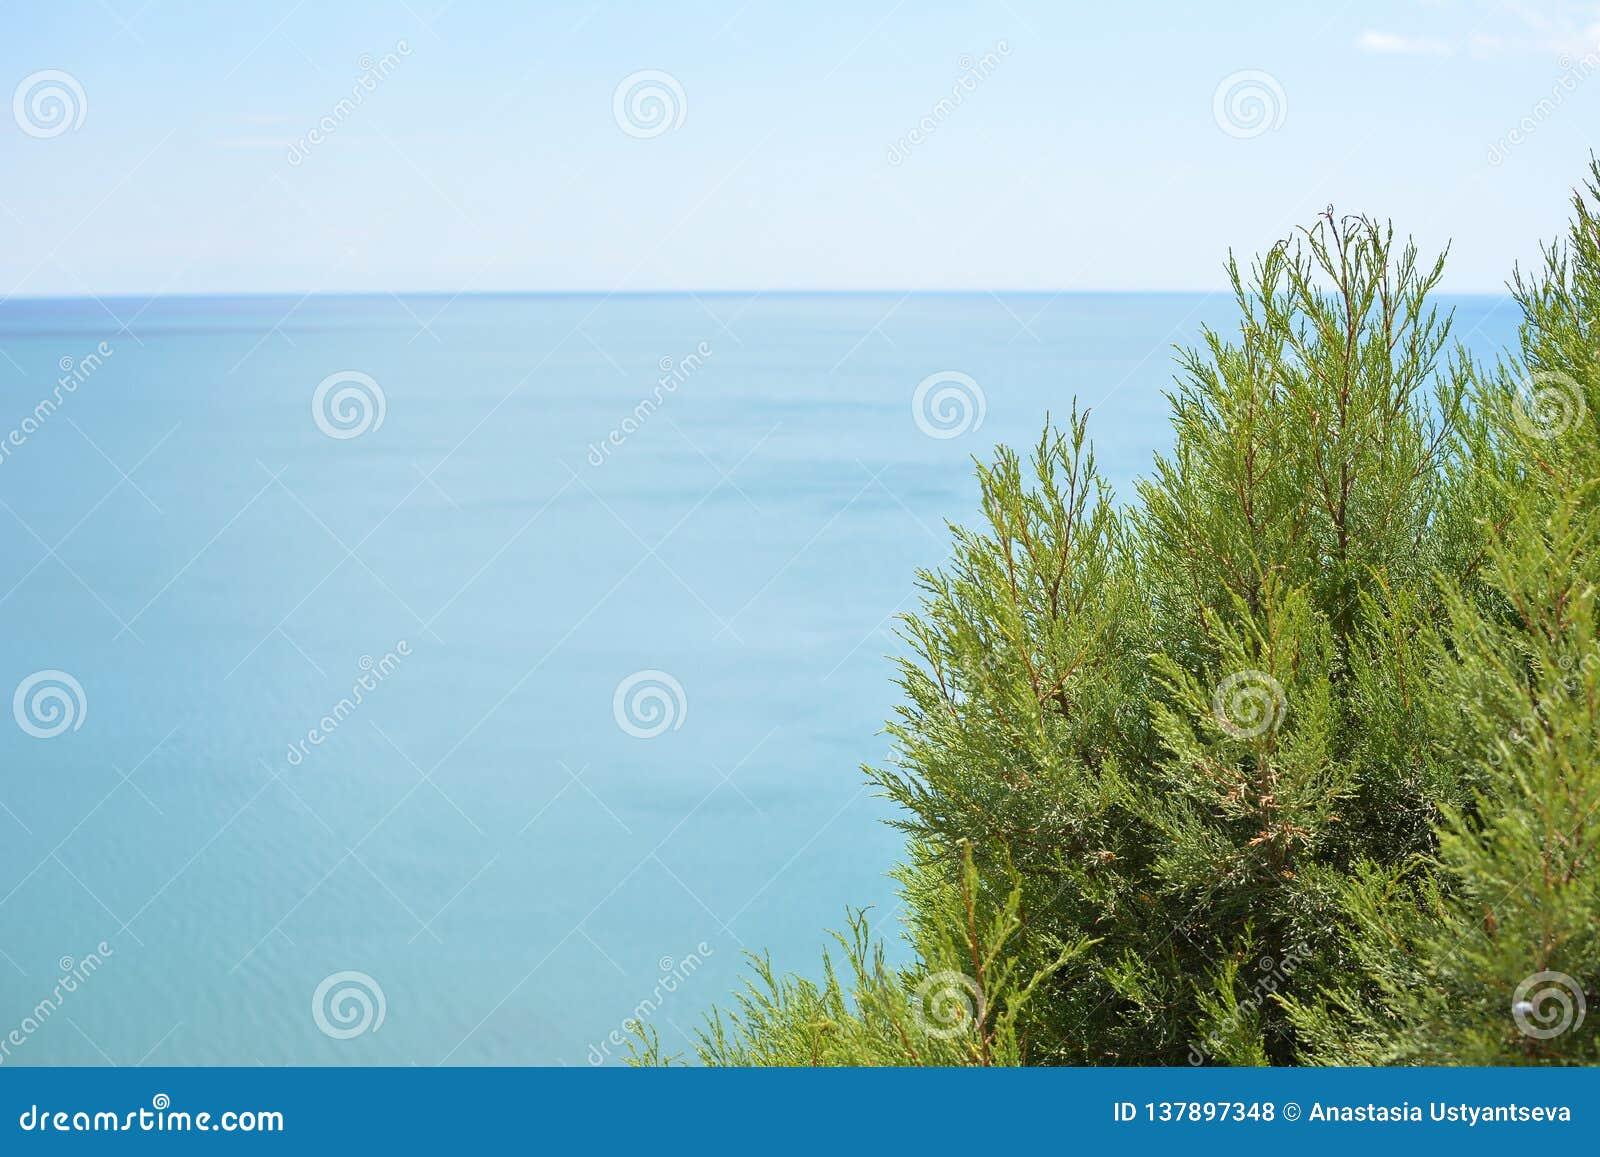 Ιουνίπερος στο υπόβαθρο της θάλασσας και του ουρανού